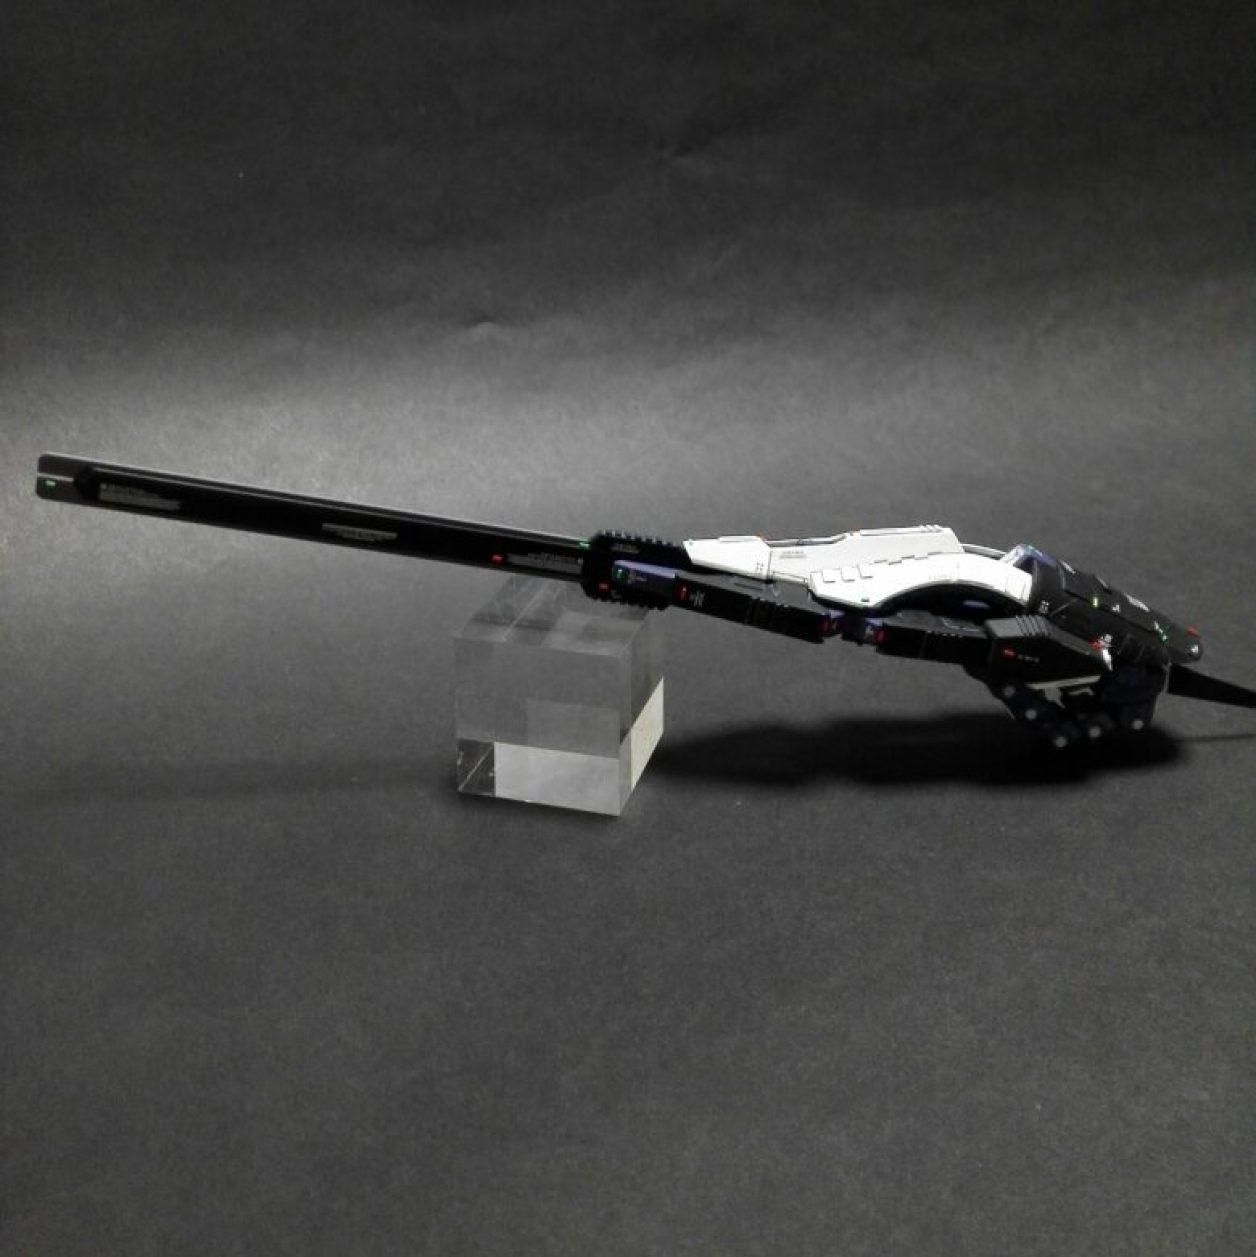 改造してディテールアップしたHGUC ガンダムTR-6[ウーンドウォート]の初期武装であるコンポジット・シールド・ブースターの画像